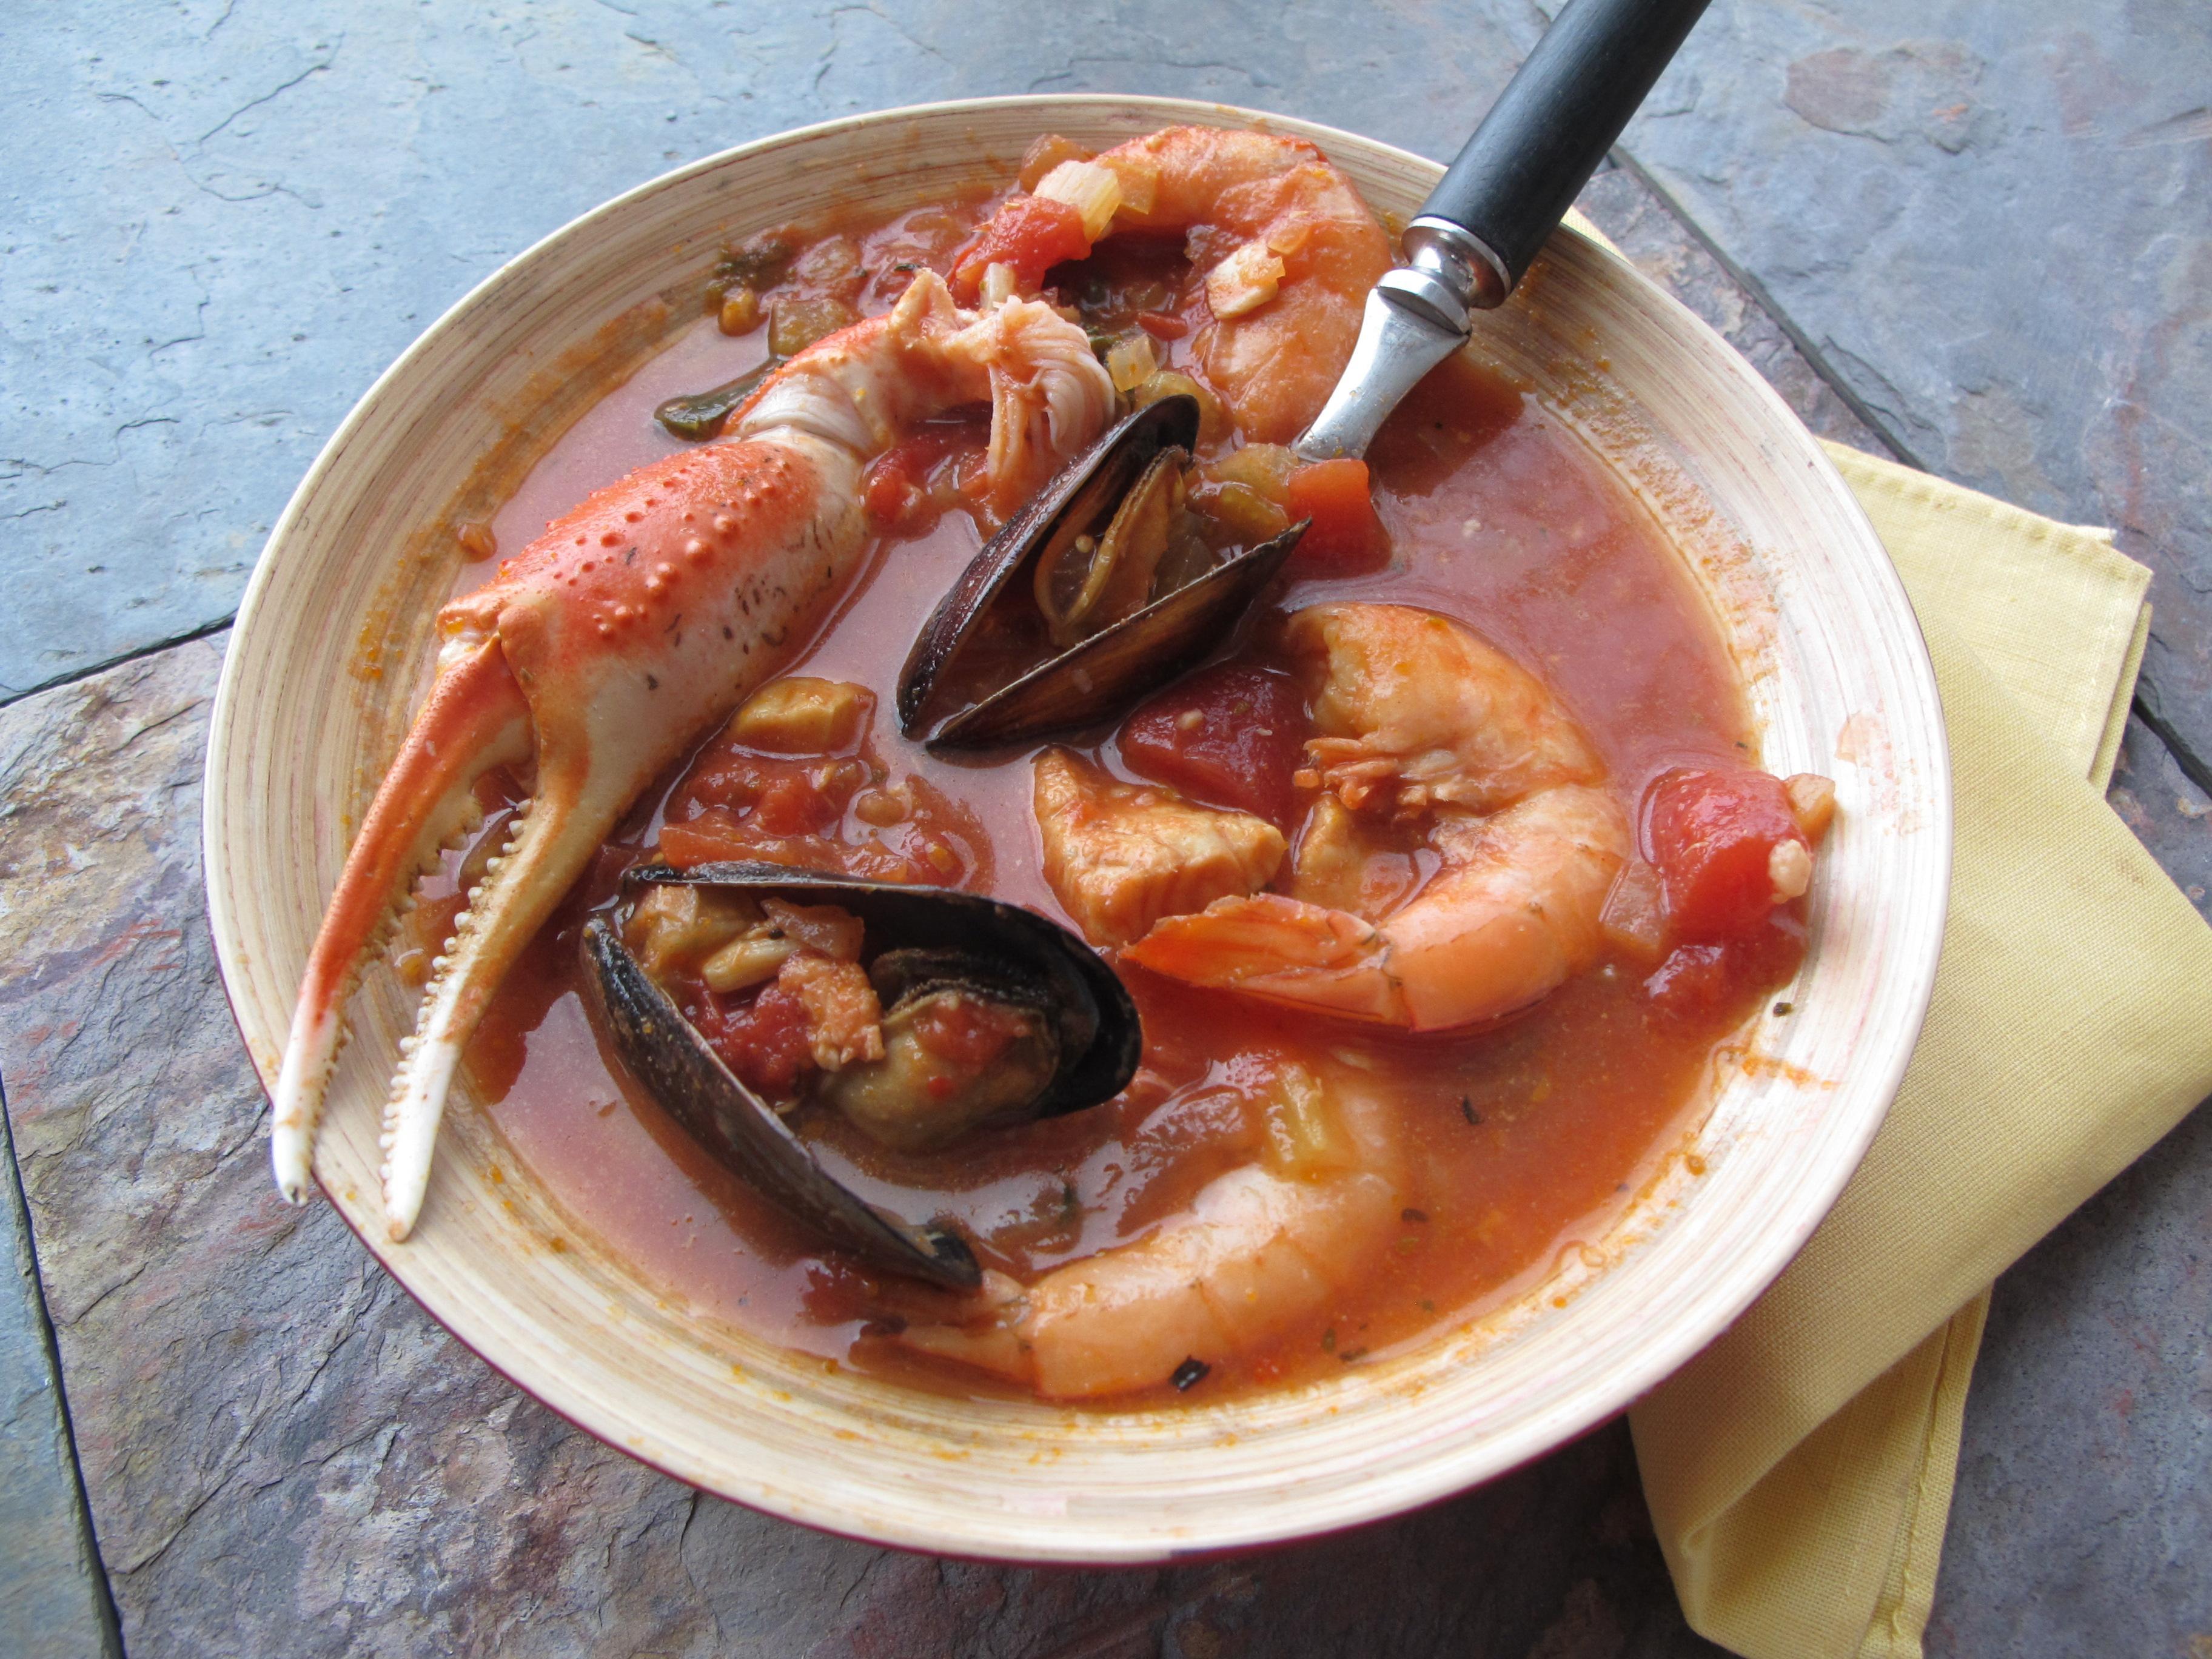 Cioppino vs. Bouillabaisse vs. Seafood Chowder: Recipe Comparisons